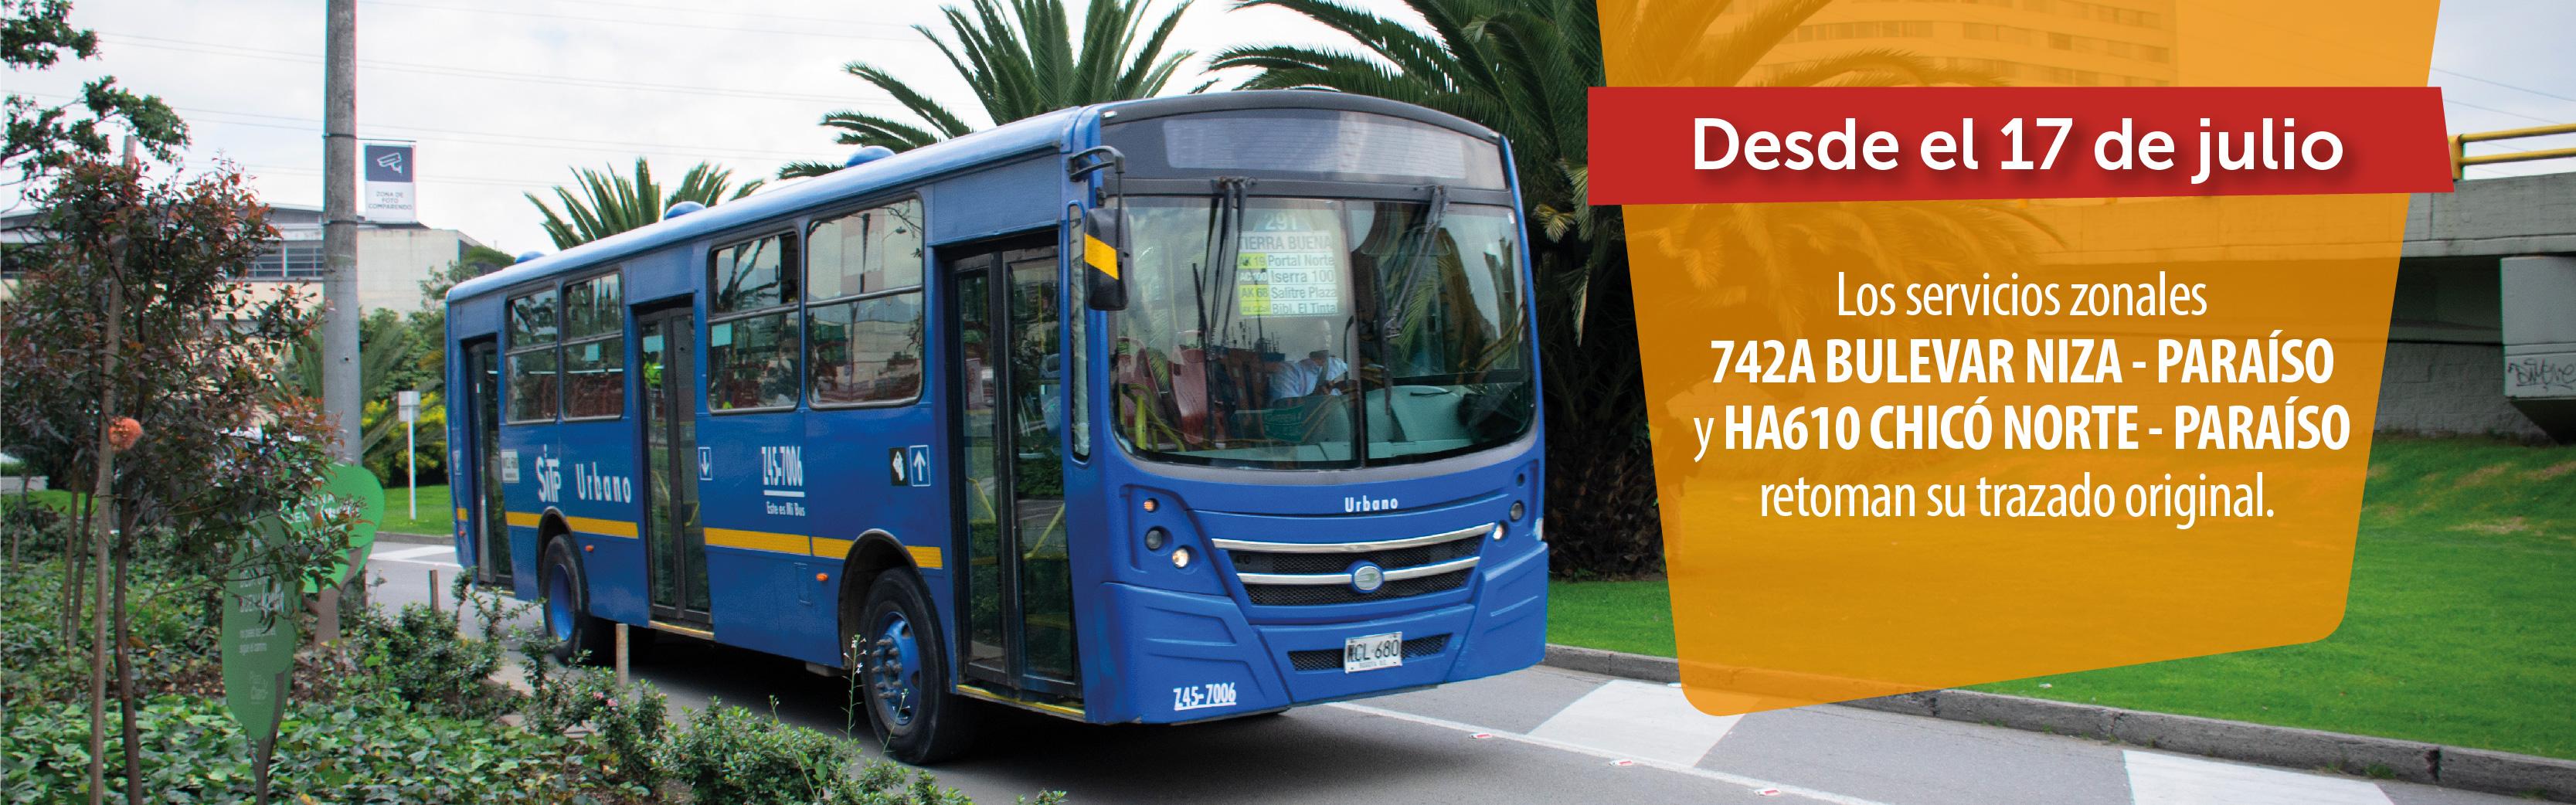 Servicios 742A Bulevar Niza Paraíso y HA610 Chicó Norte Paraíso retoman su trazado original